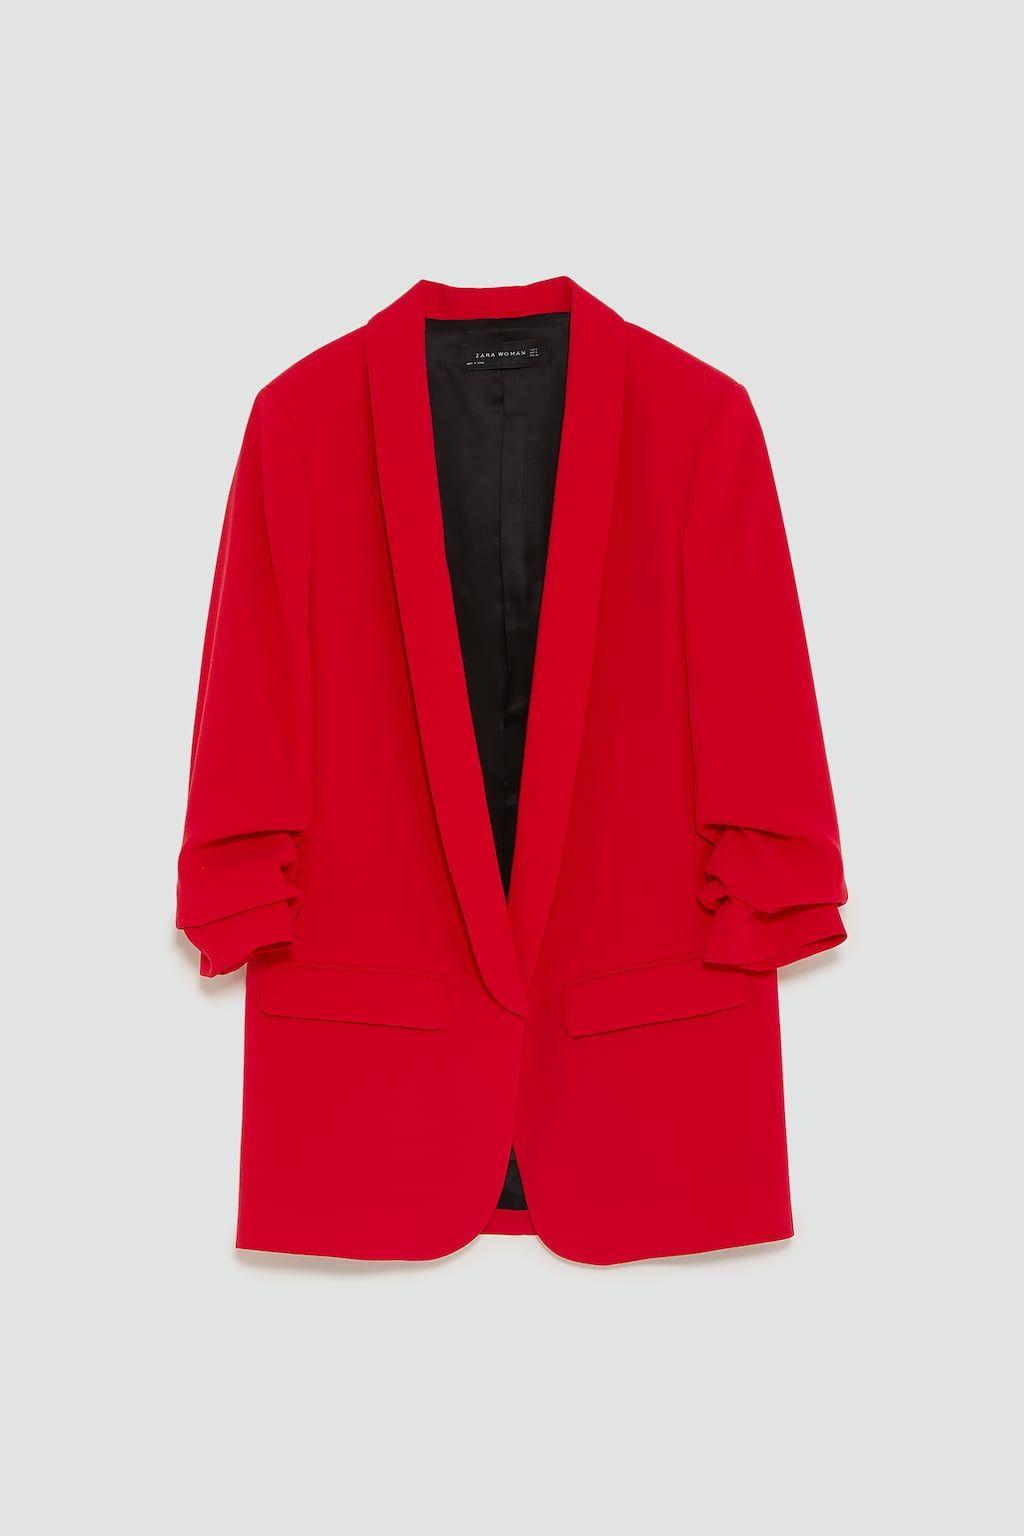 8a41e0440907a Zara Intense Red Crepe Blazer | Style | Blazer, Red blazer, White pants